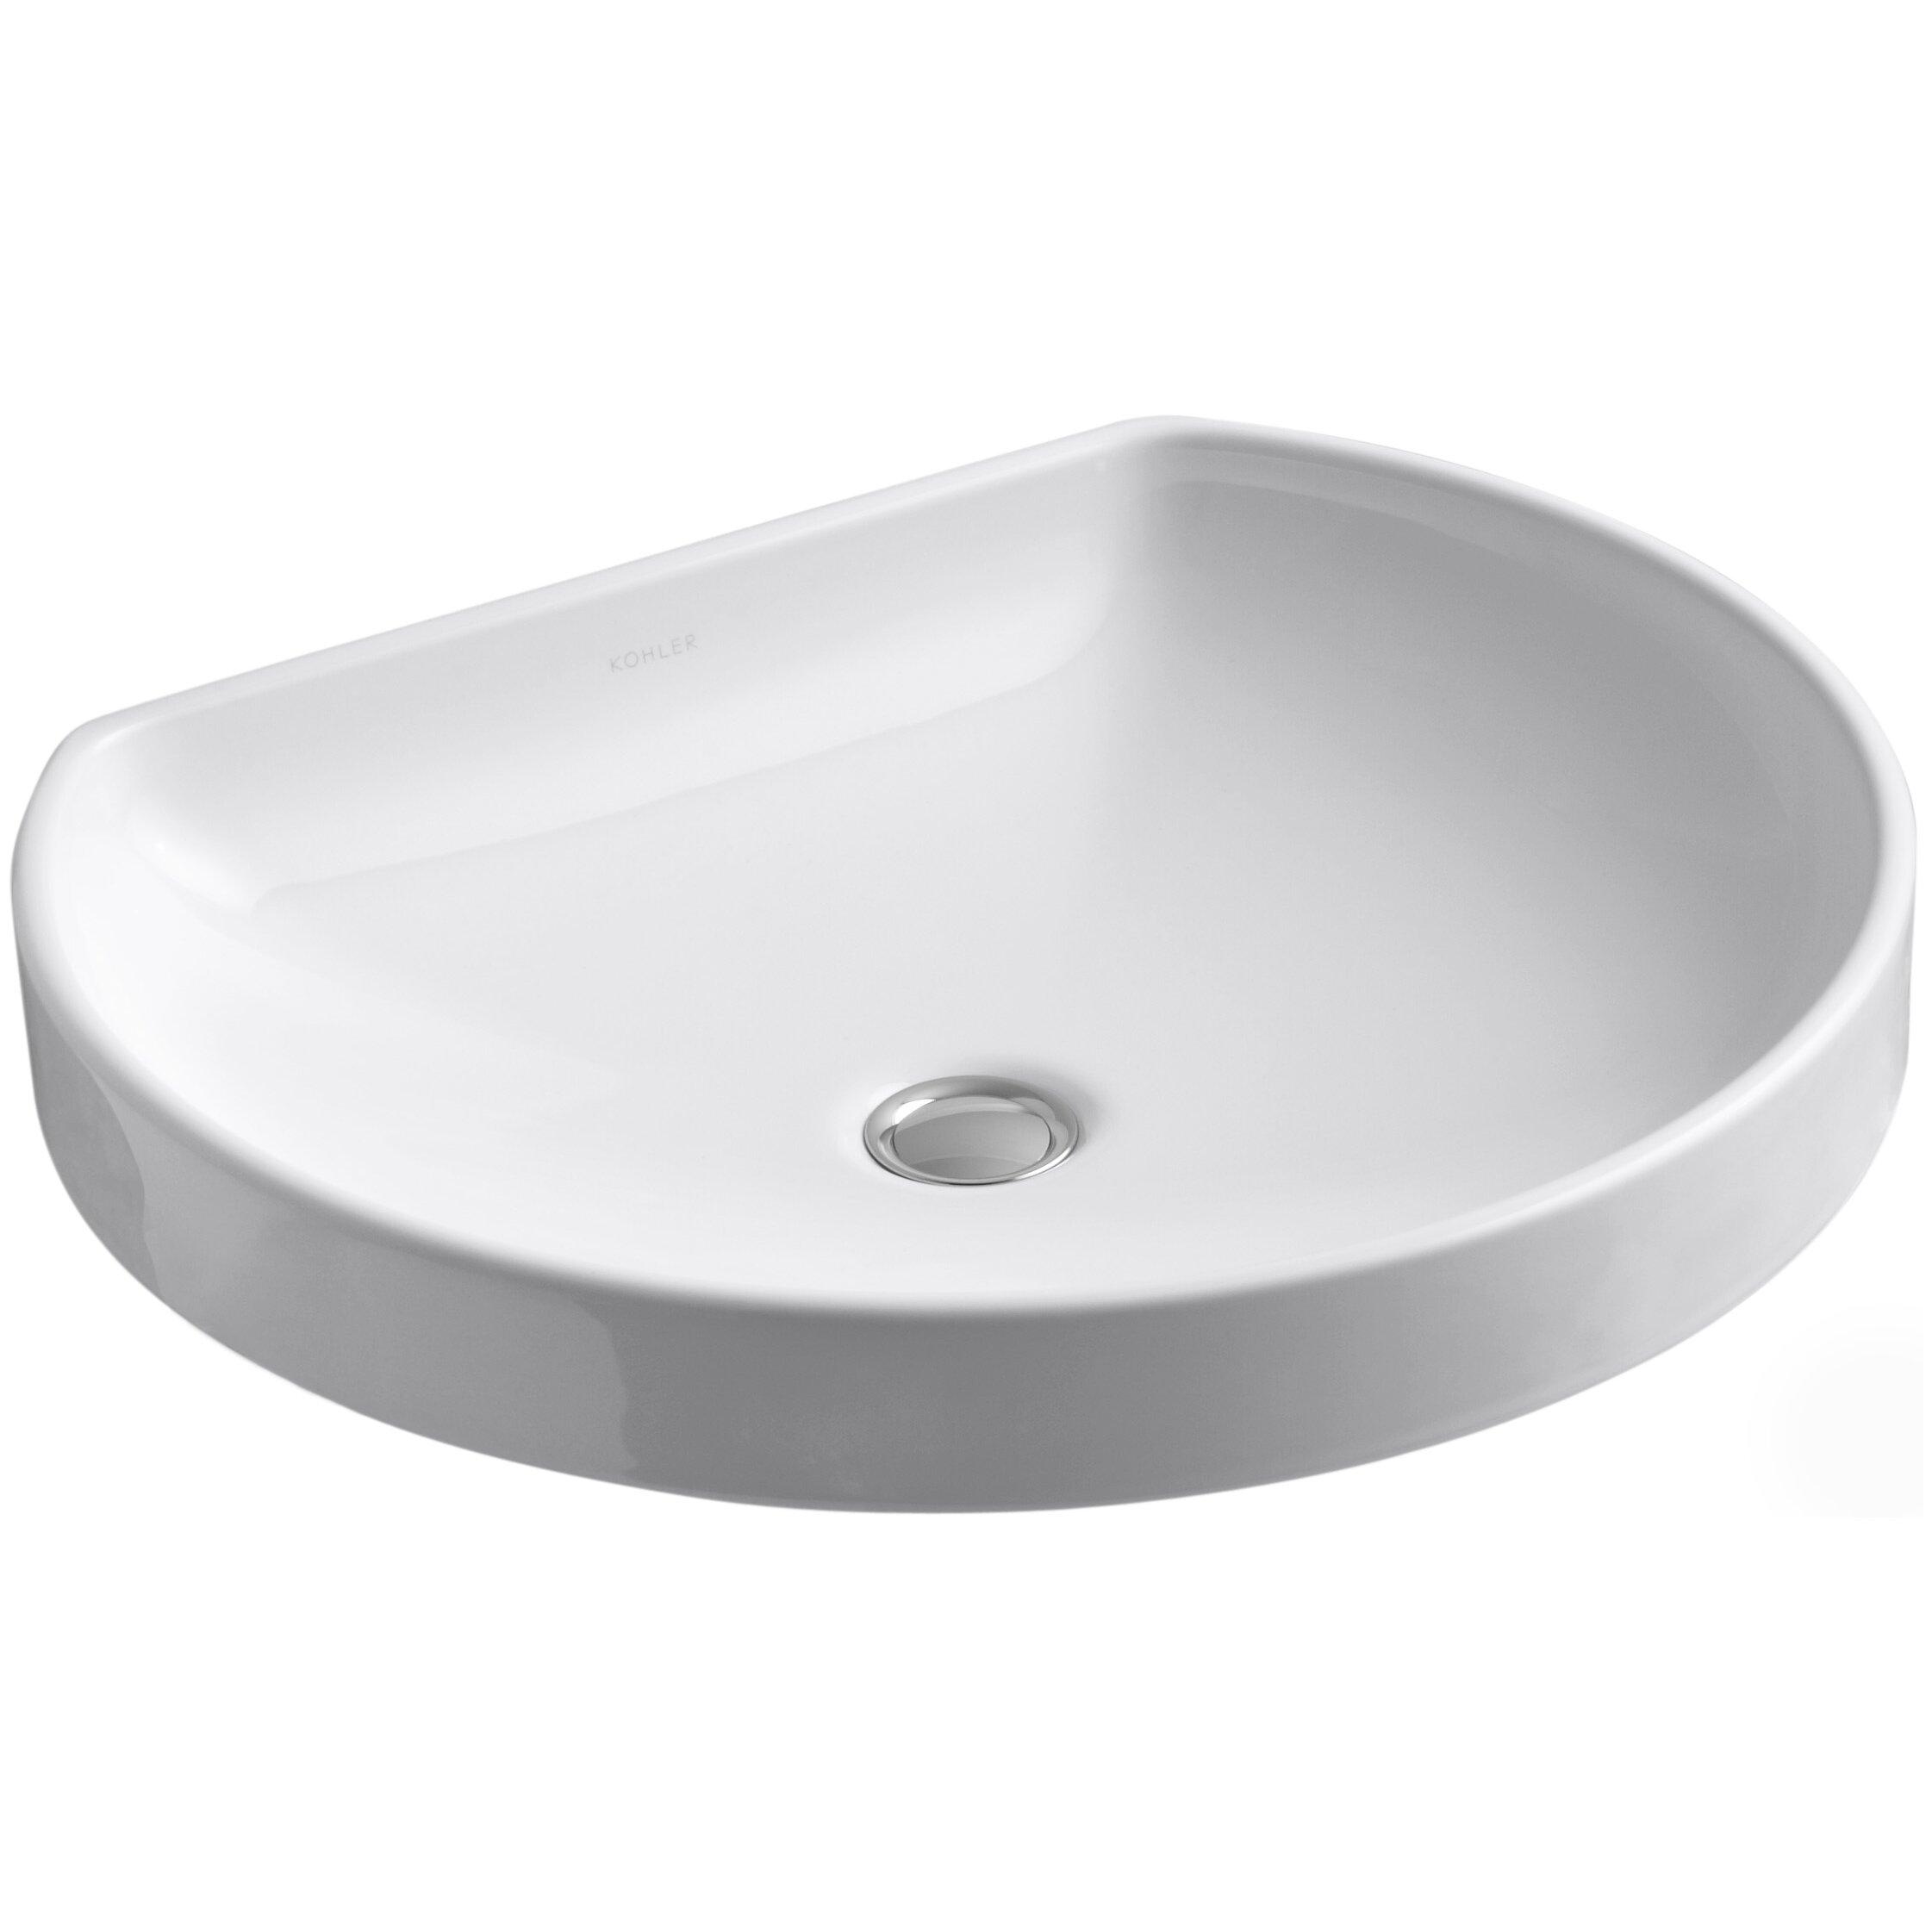 kohler watercove wading pool drop-in bathroom sink & reviews | wayfair